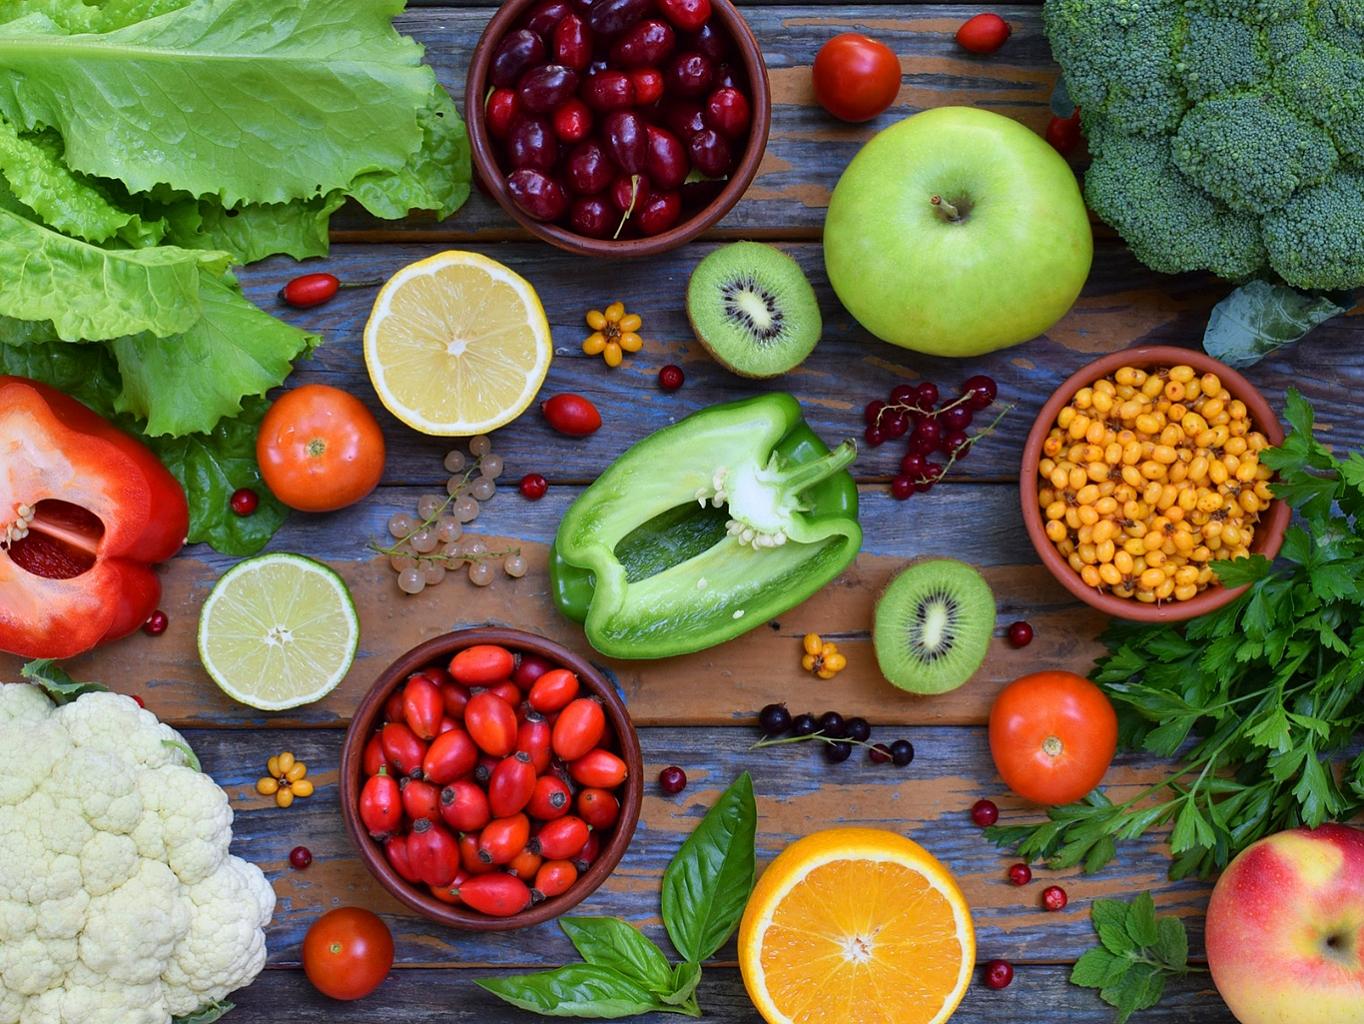 картинки с продуктами содержащими витамины гламура ещё настала